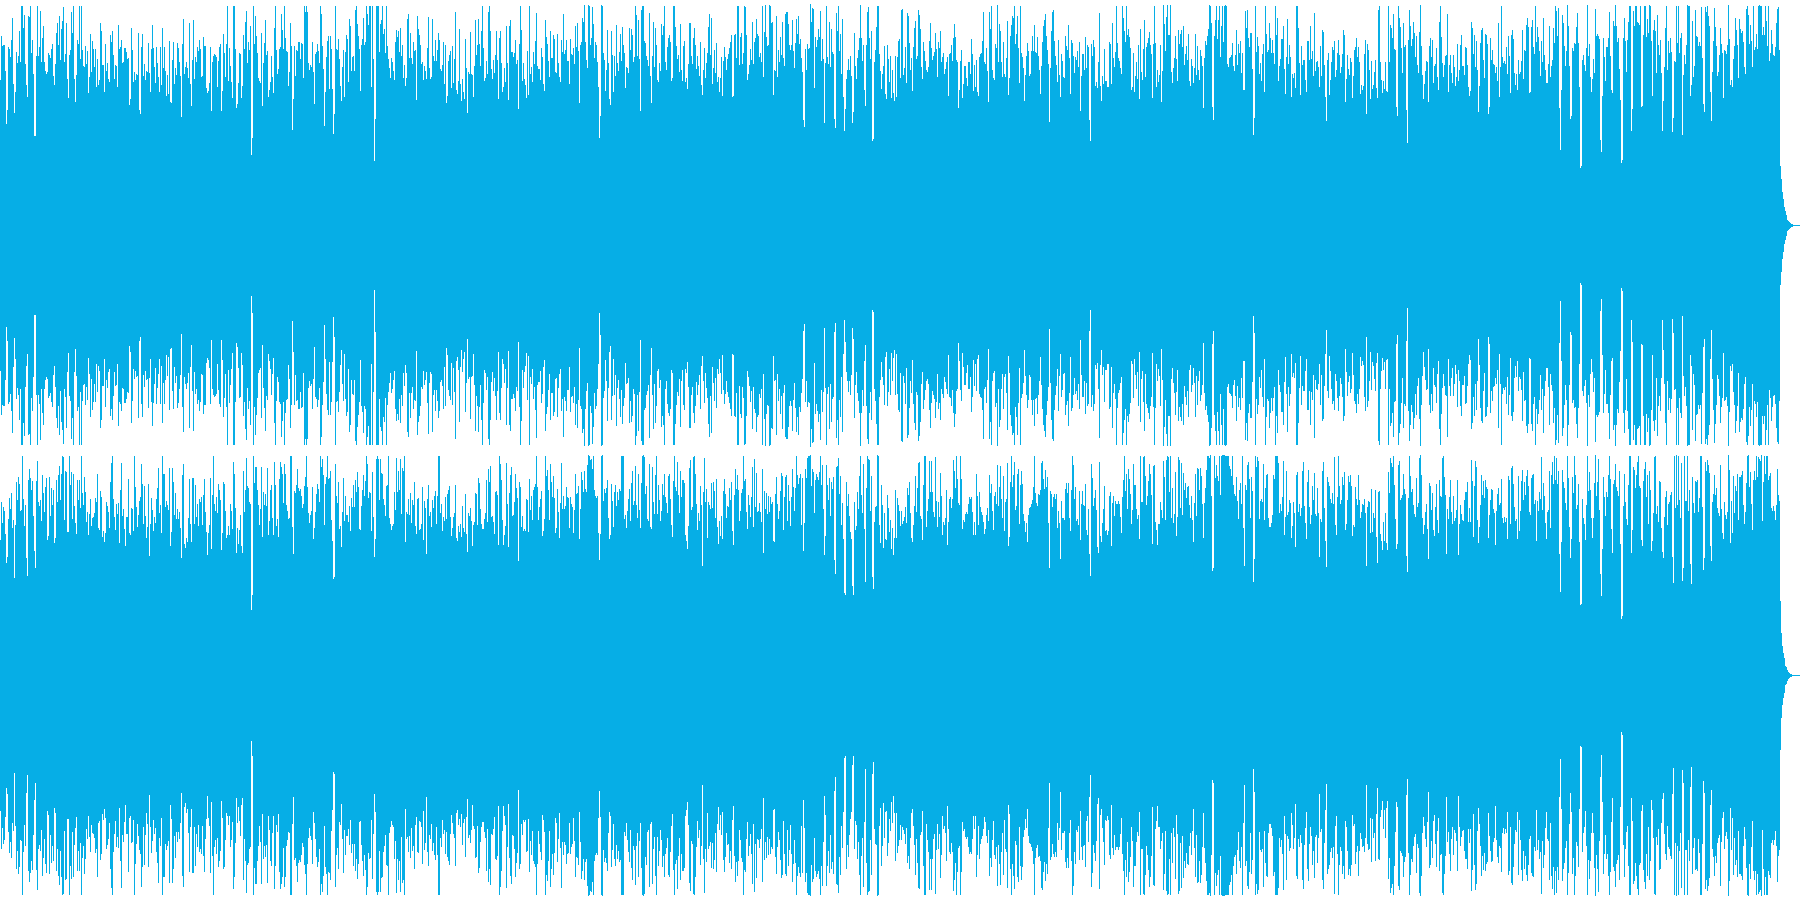 黒魔道士 ドライ版 疾走感あるバトル楽曲の再生済みの波形